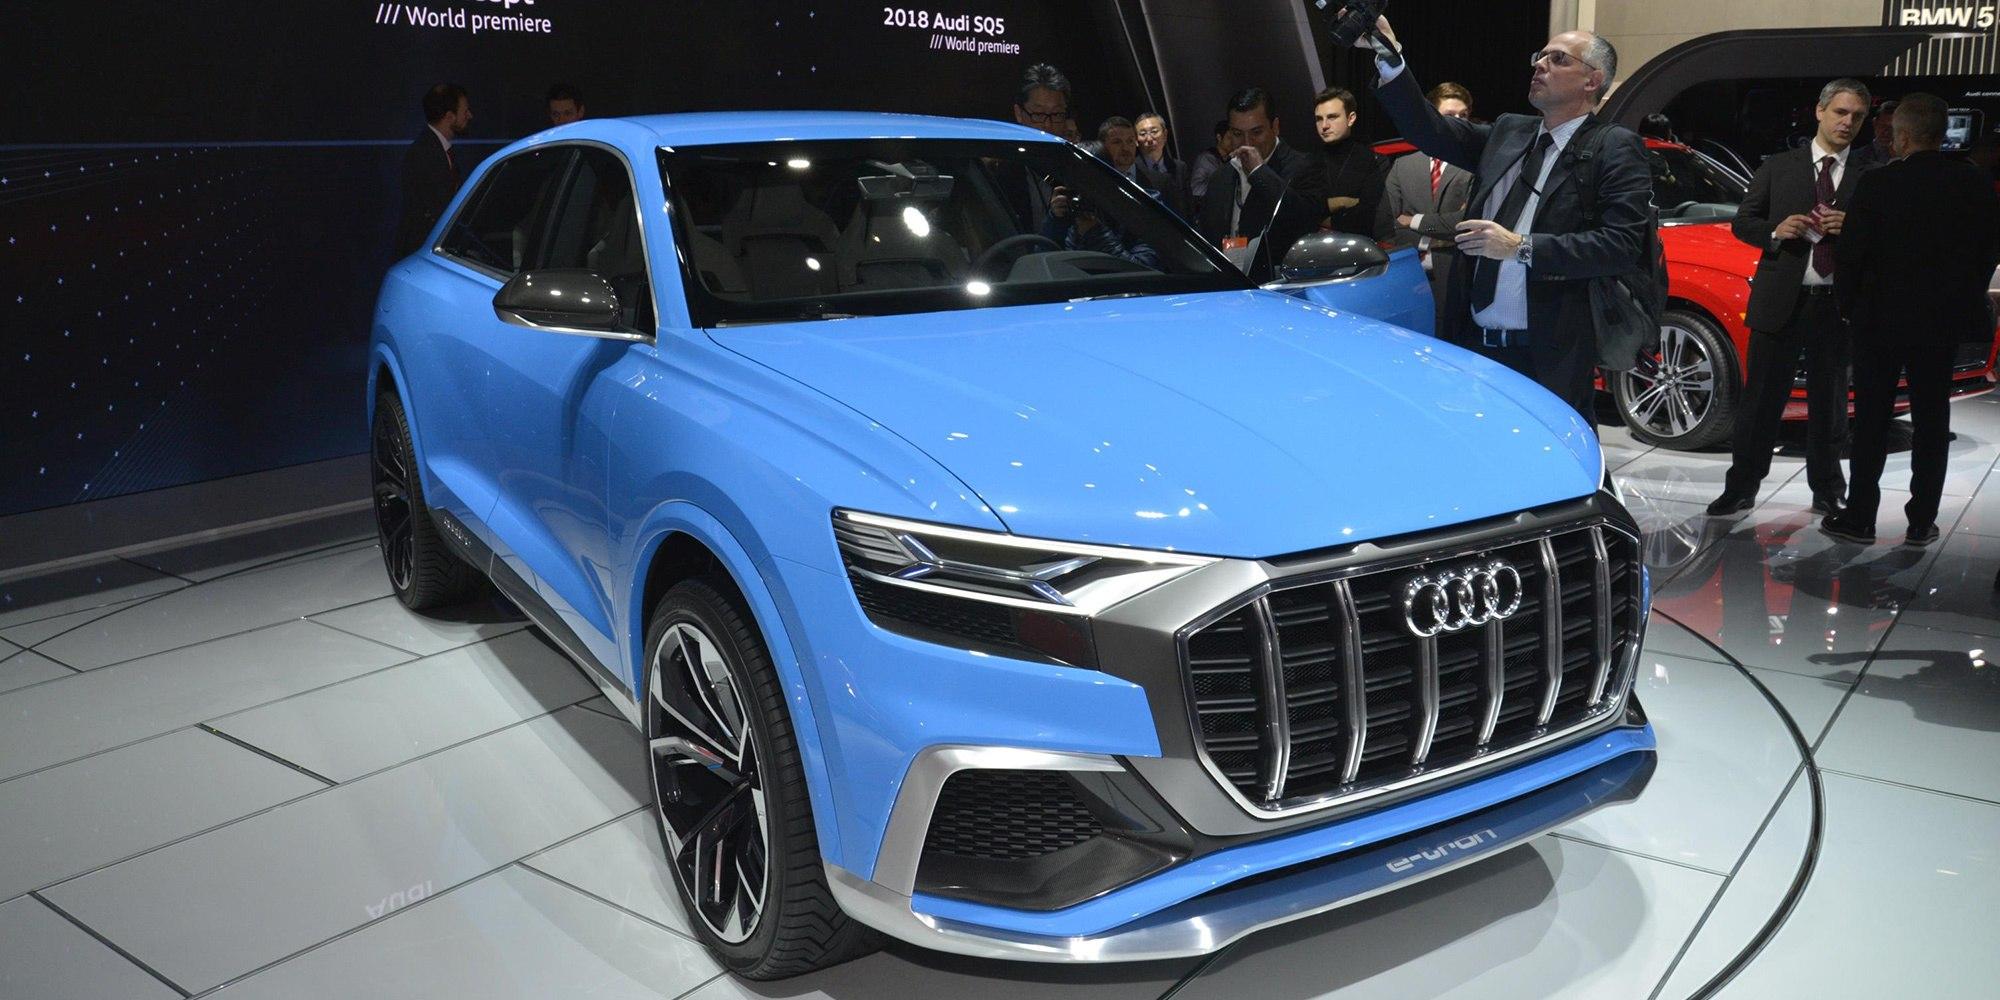 Новинки Audi 2019 года | Новые авто, фото и характеристики моделей RS5, A5 и Q8 изоражения